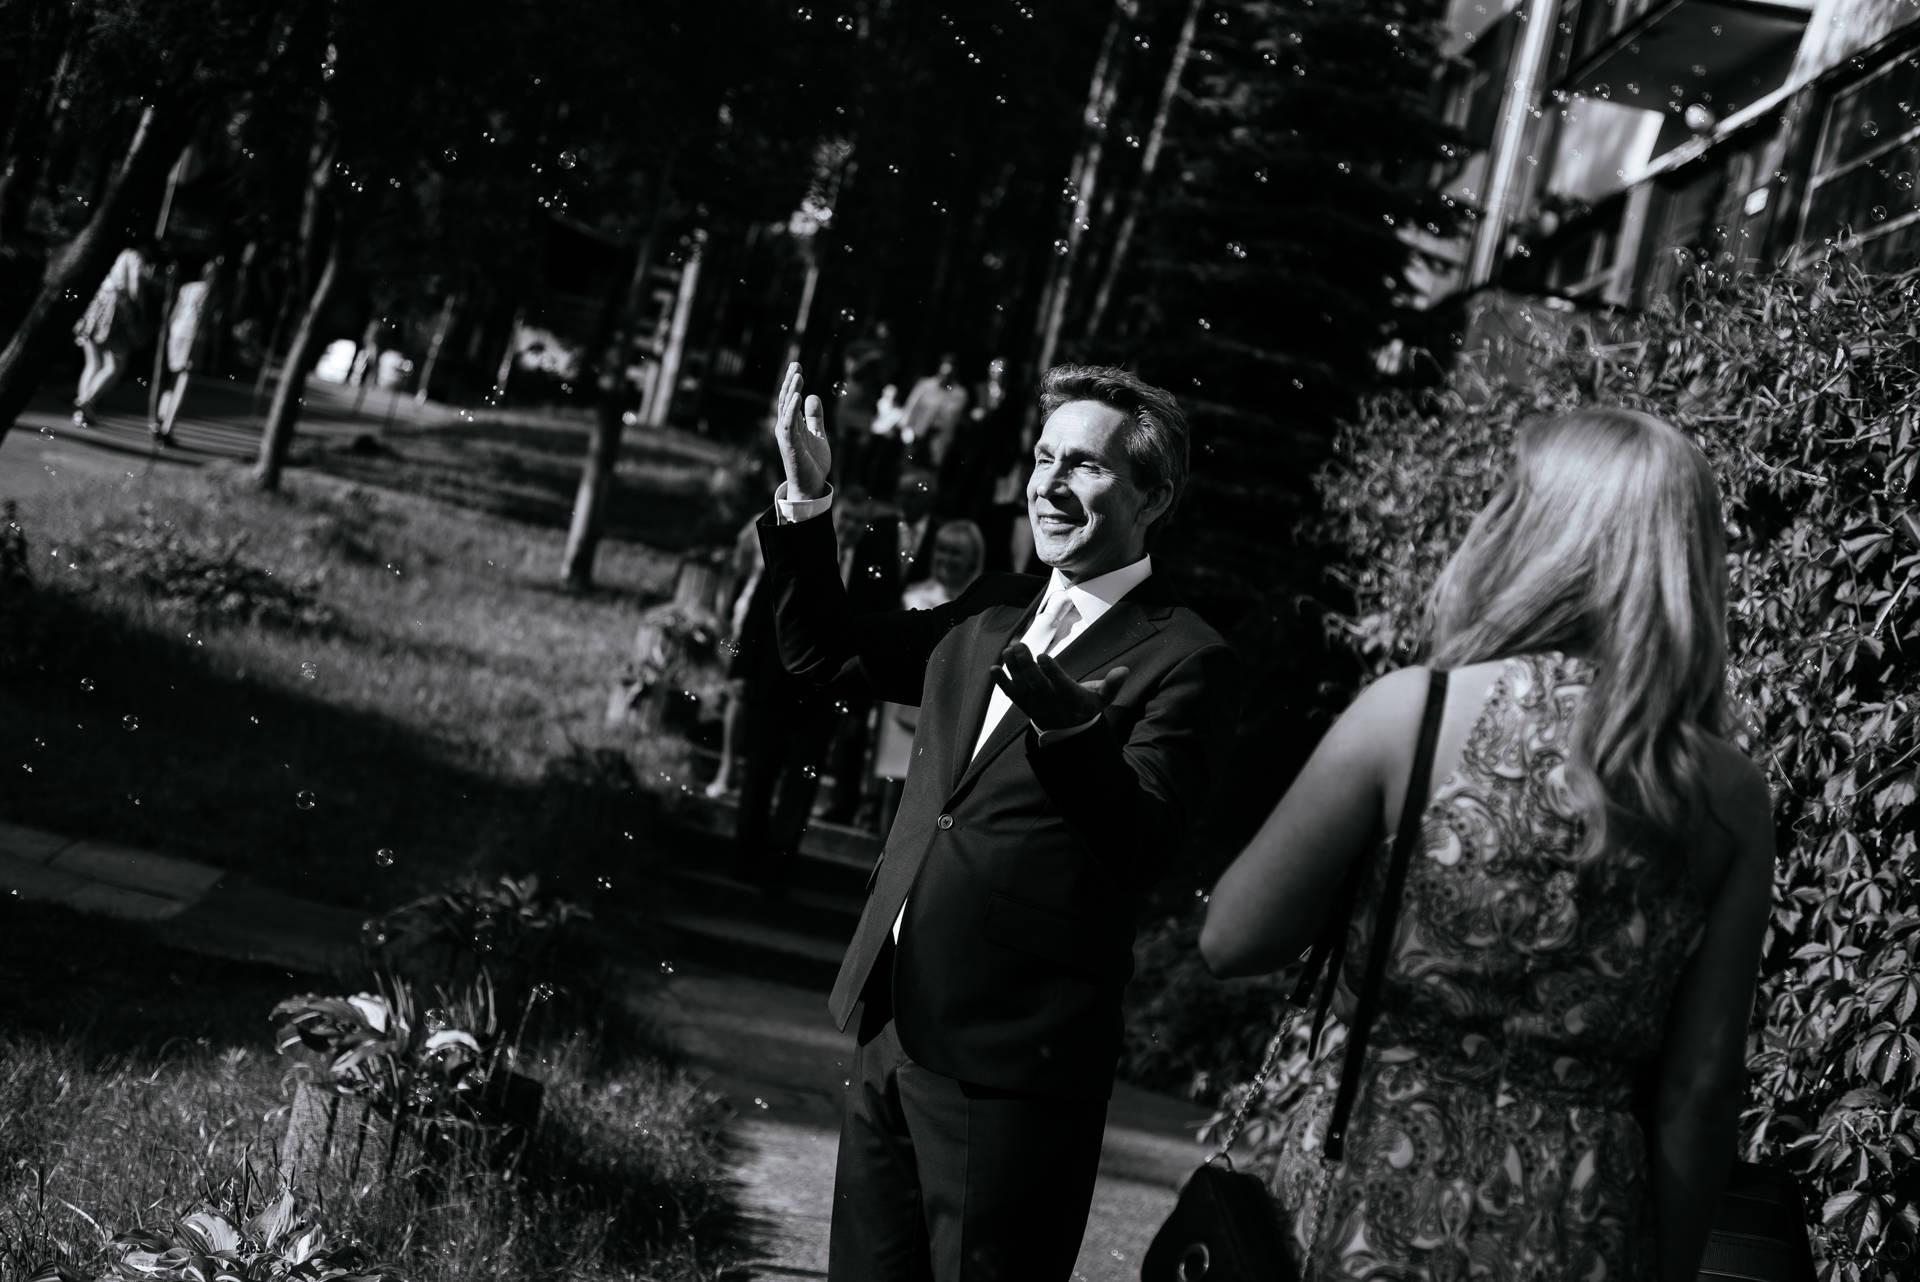 Ślub w Kościerzynie i wesele w Hotelu Szarlota nad jednym z jezior na Kaszubach - fot. Rafał i Magda Nitychoruk / www.aparatowo.pl